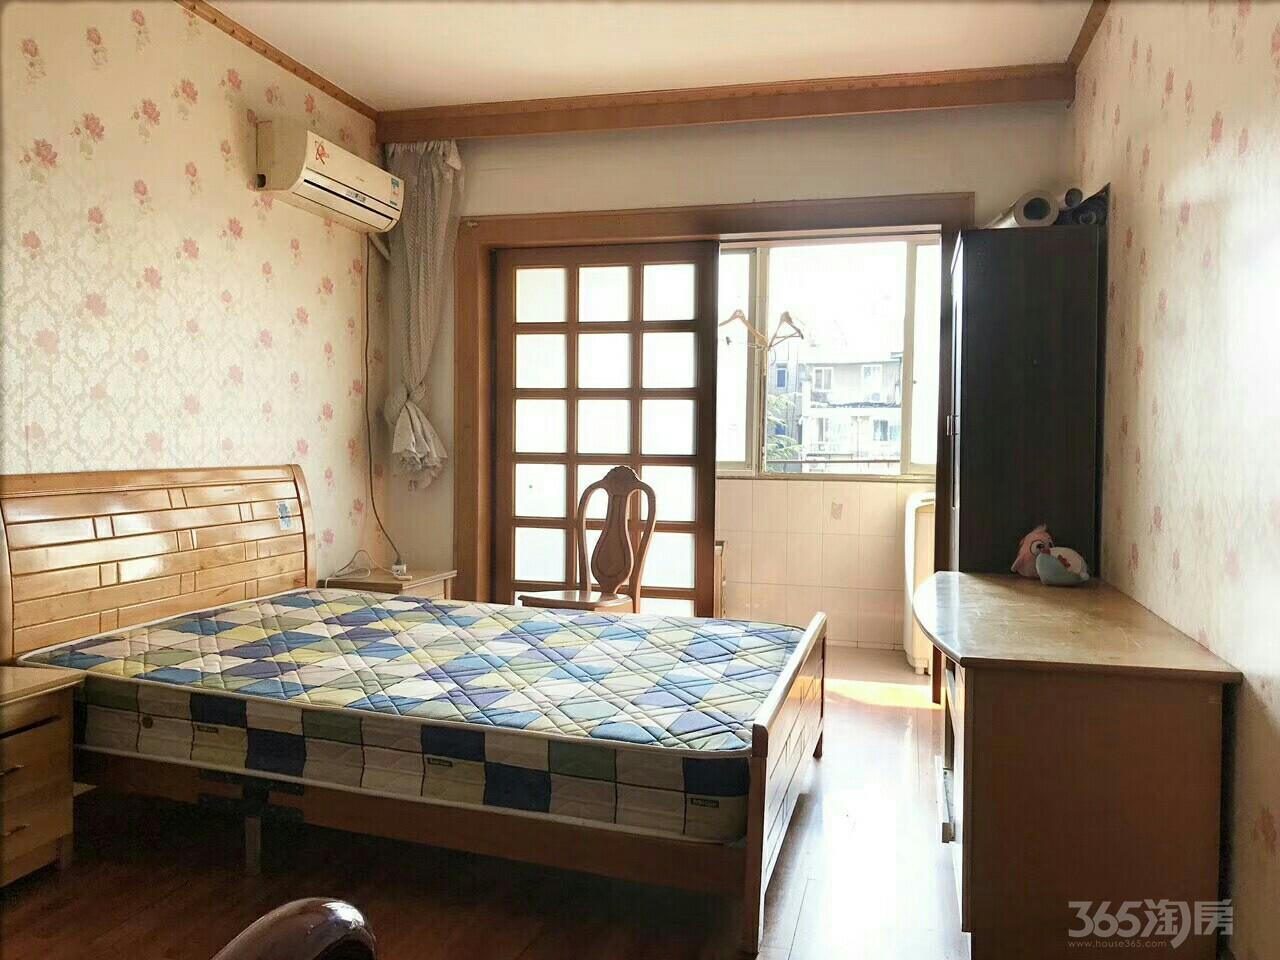 汉中门莫愁新寓郁金里2室1厅1卫满五唯一出售